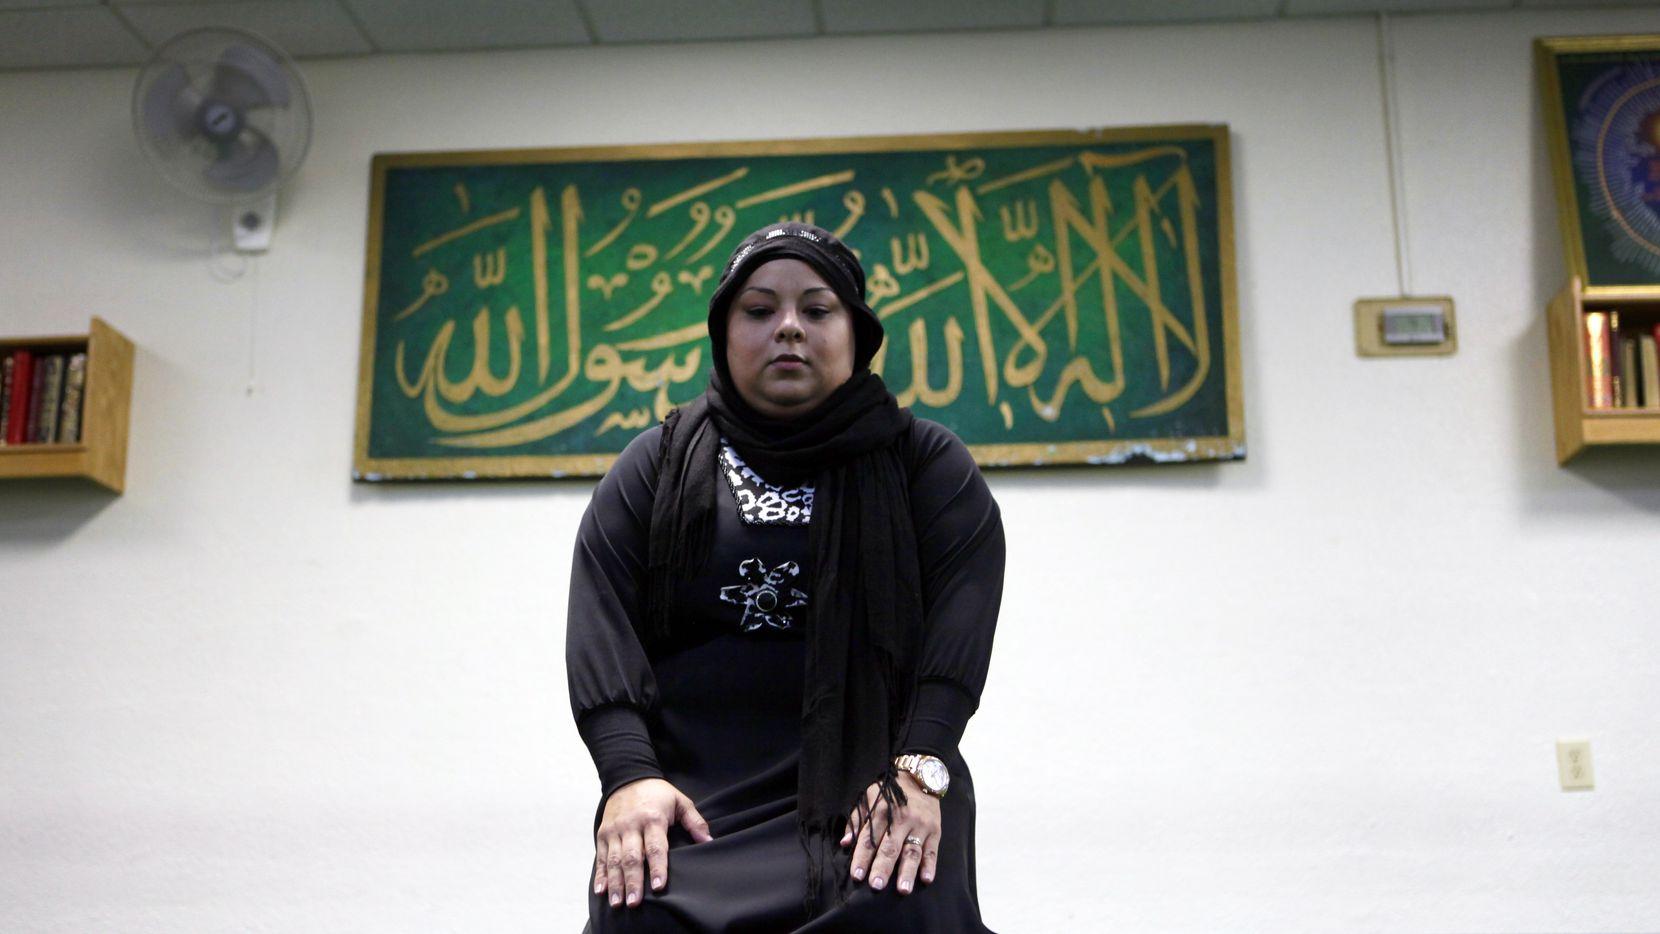 April Rodriguez, 35, demuestra el Isha, la oración de la noche en la Asociación Islámica del Norte de Texas en Richardson. BEN TORRES/ESPECIAL PARA Al DÍA